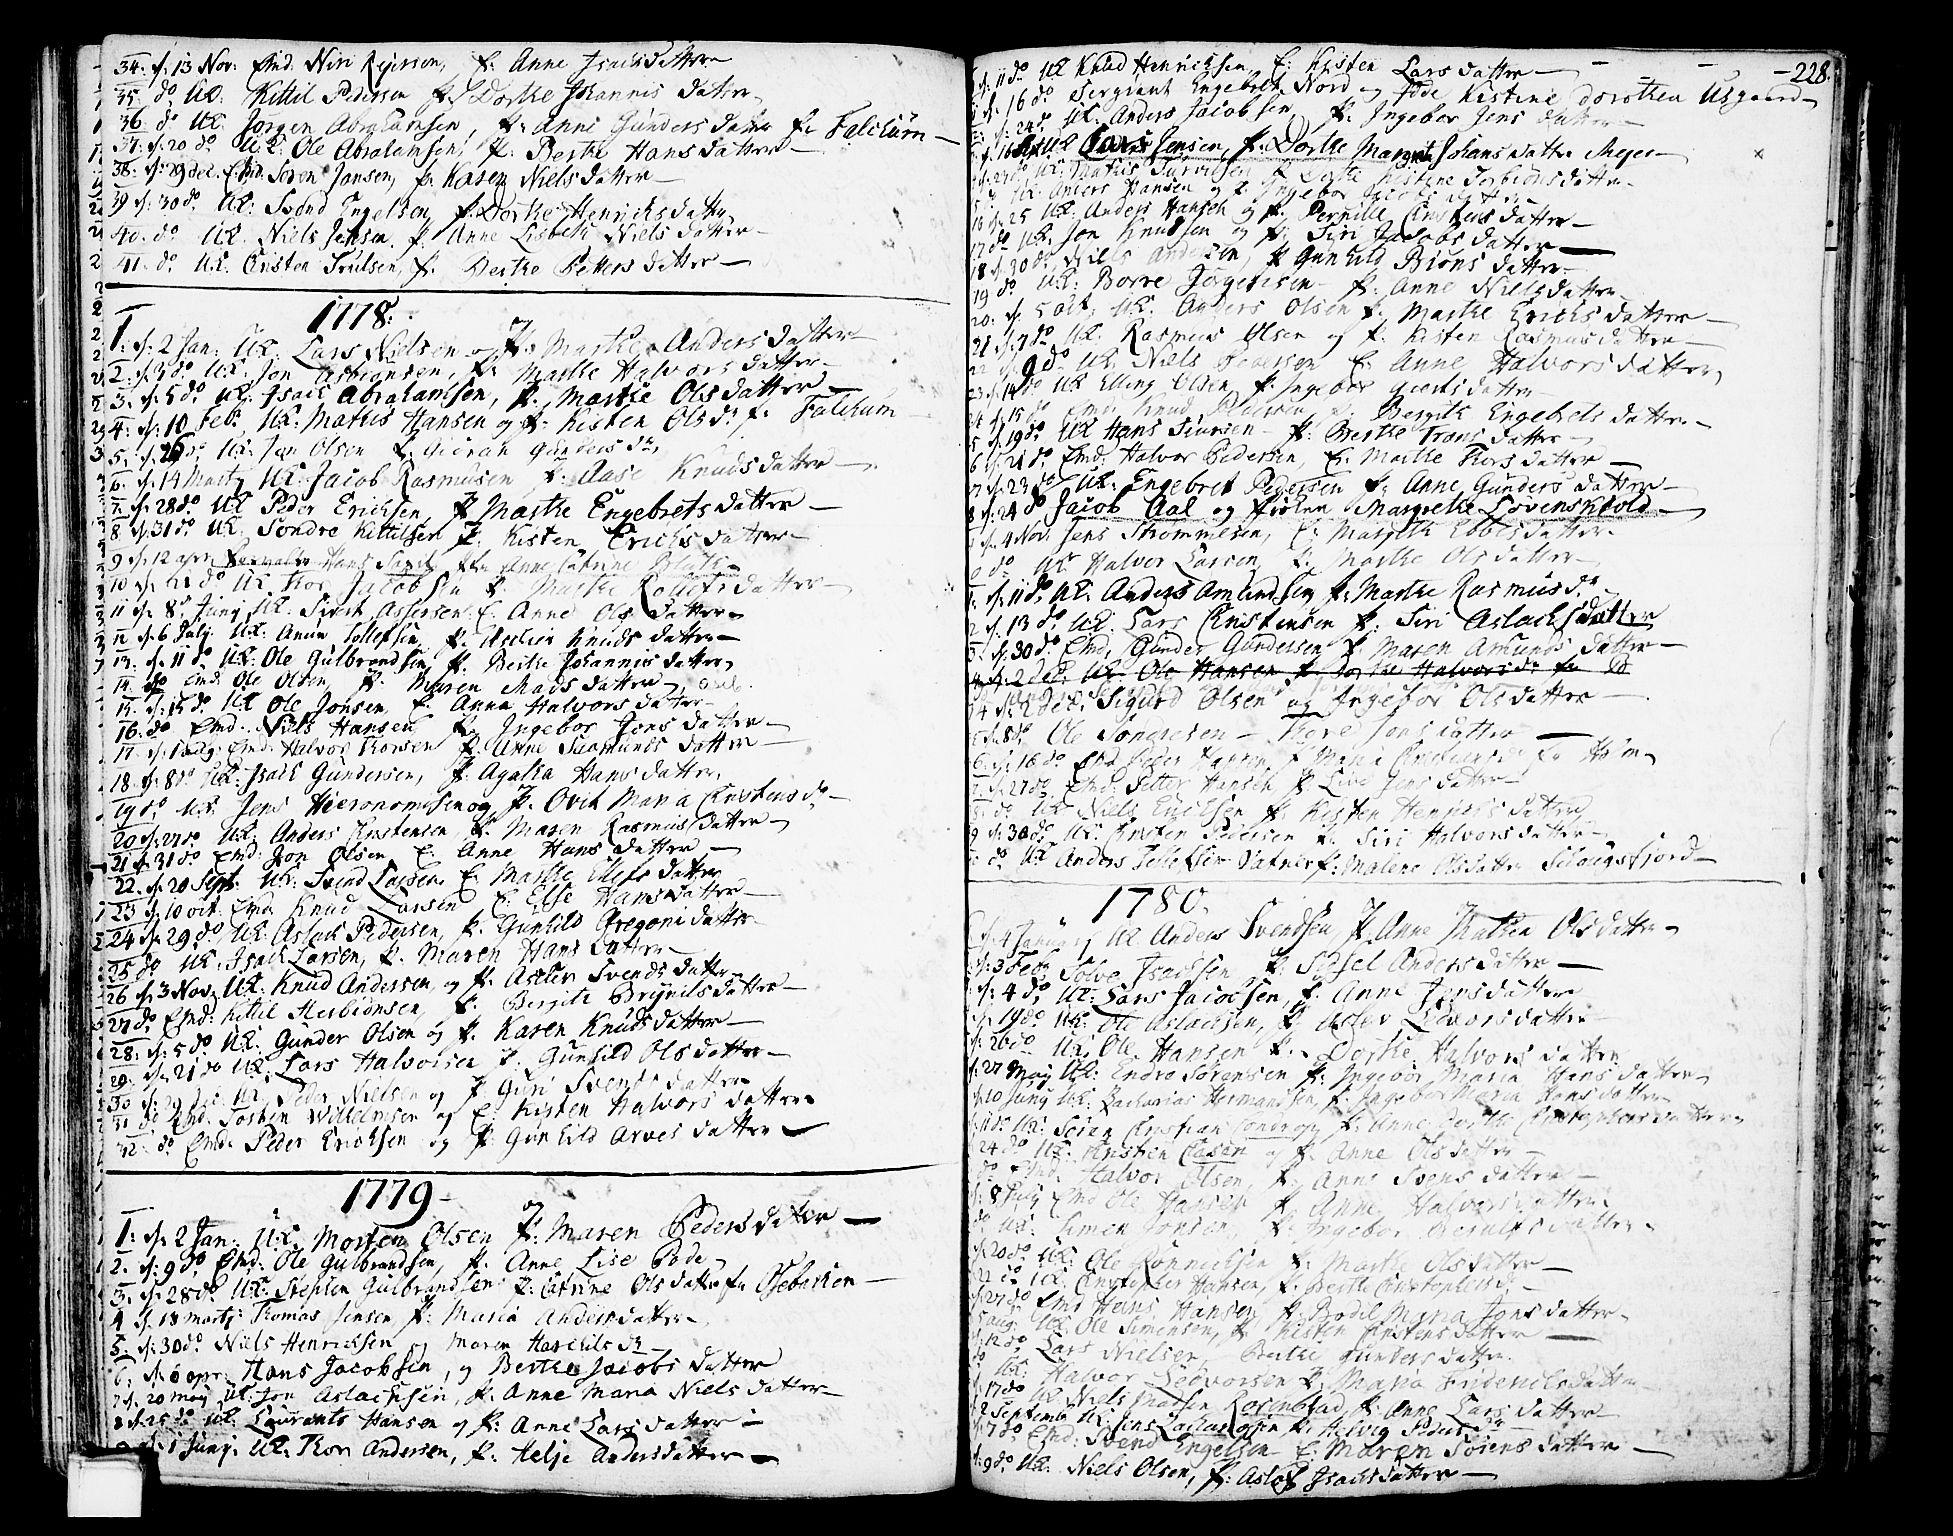 SAKO, Gjerpen kirkebøker, F/Fa/L0002: Ministerialbok nr. 2, 1747-1795, s. 228